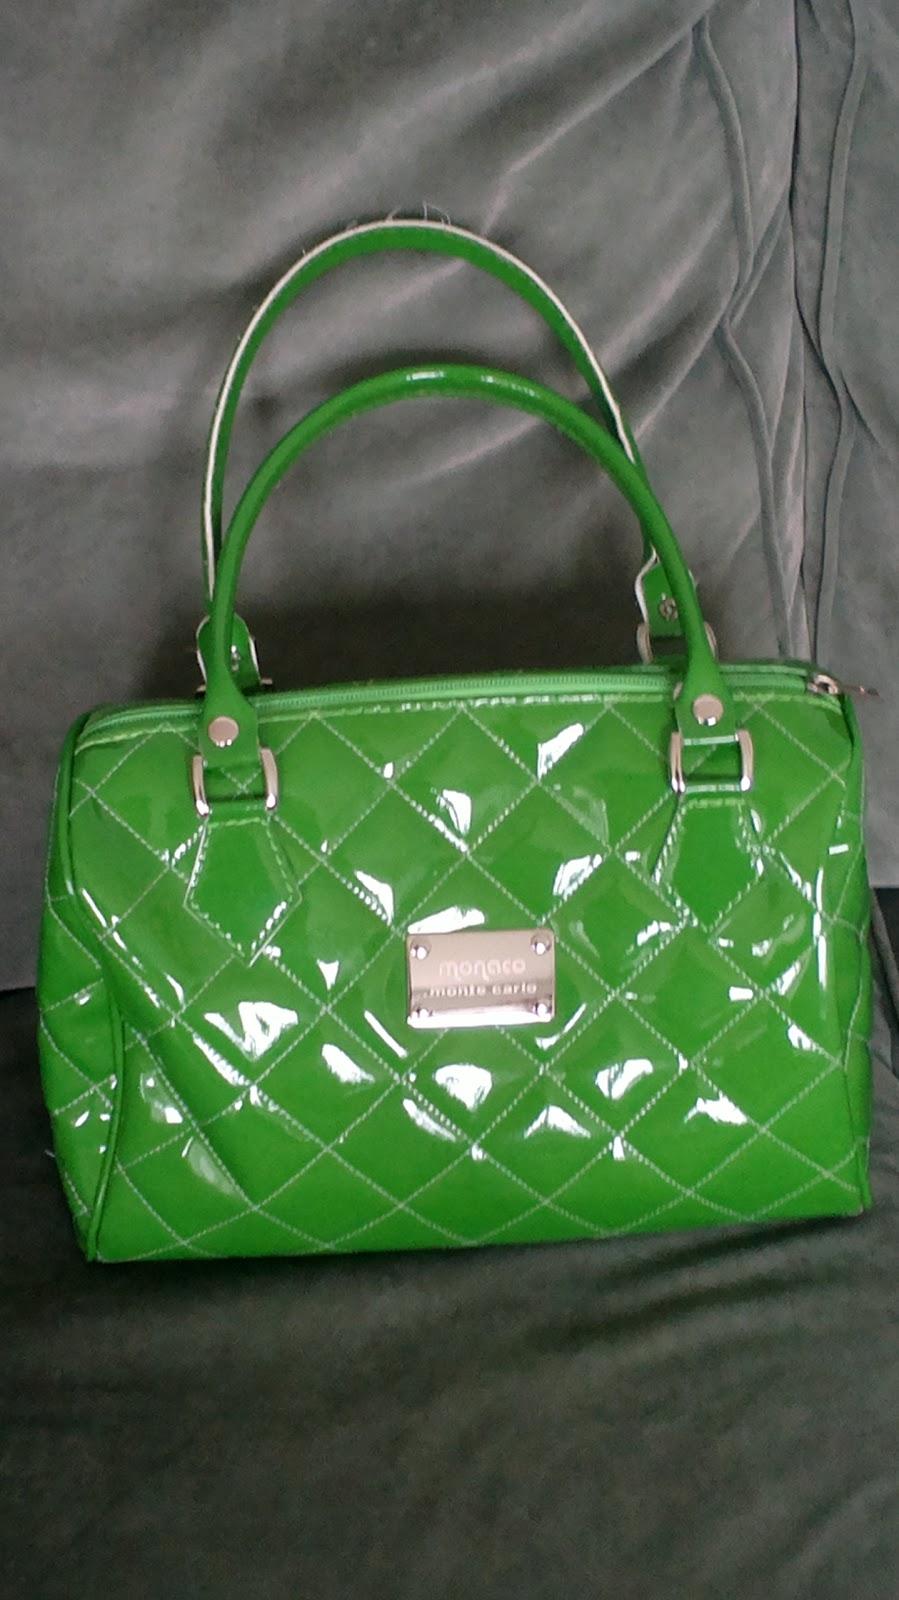 Hulluna laukkuihin! – I love bags!